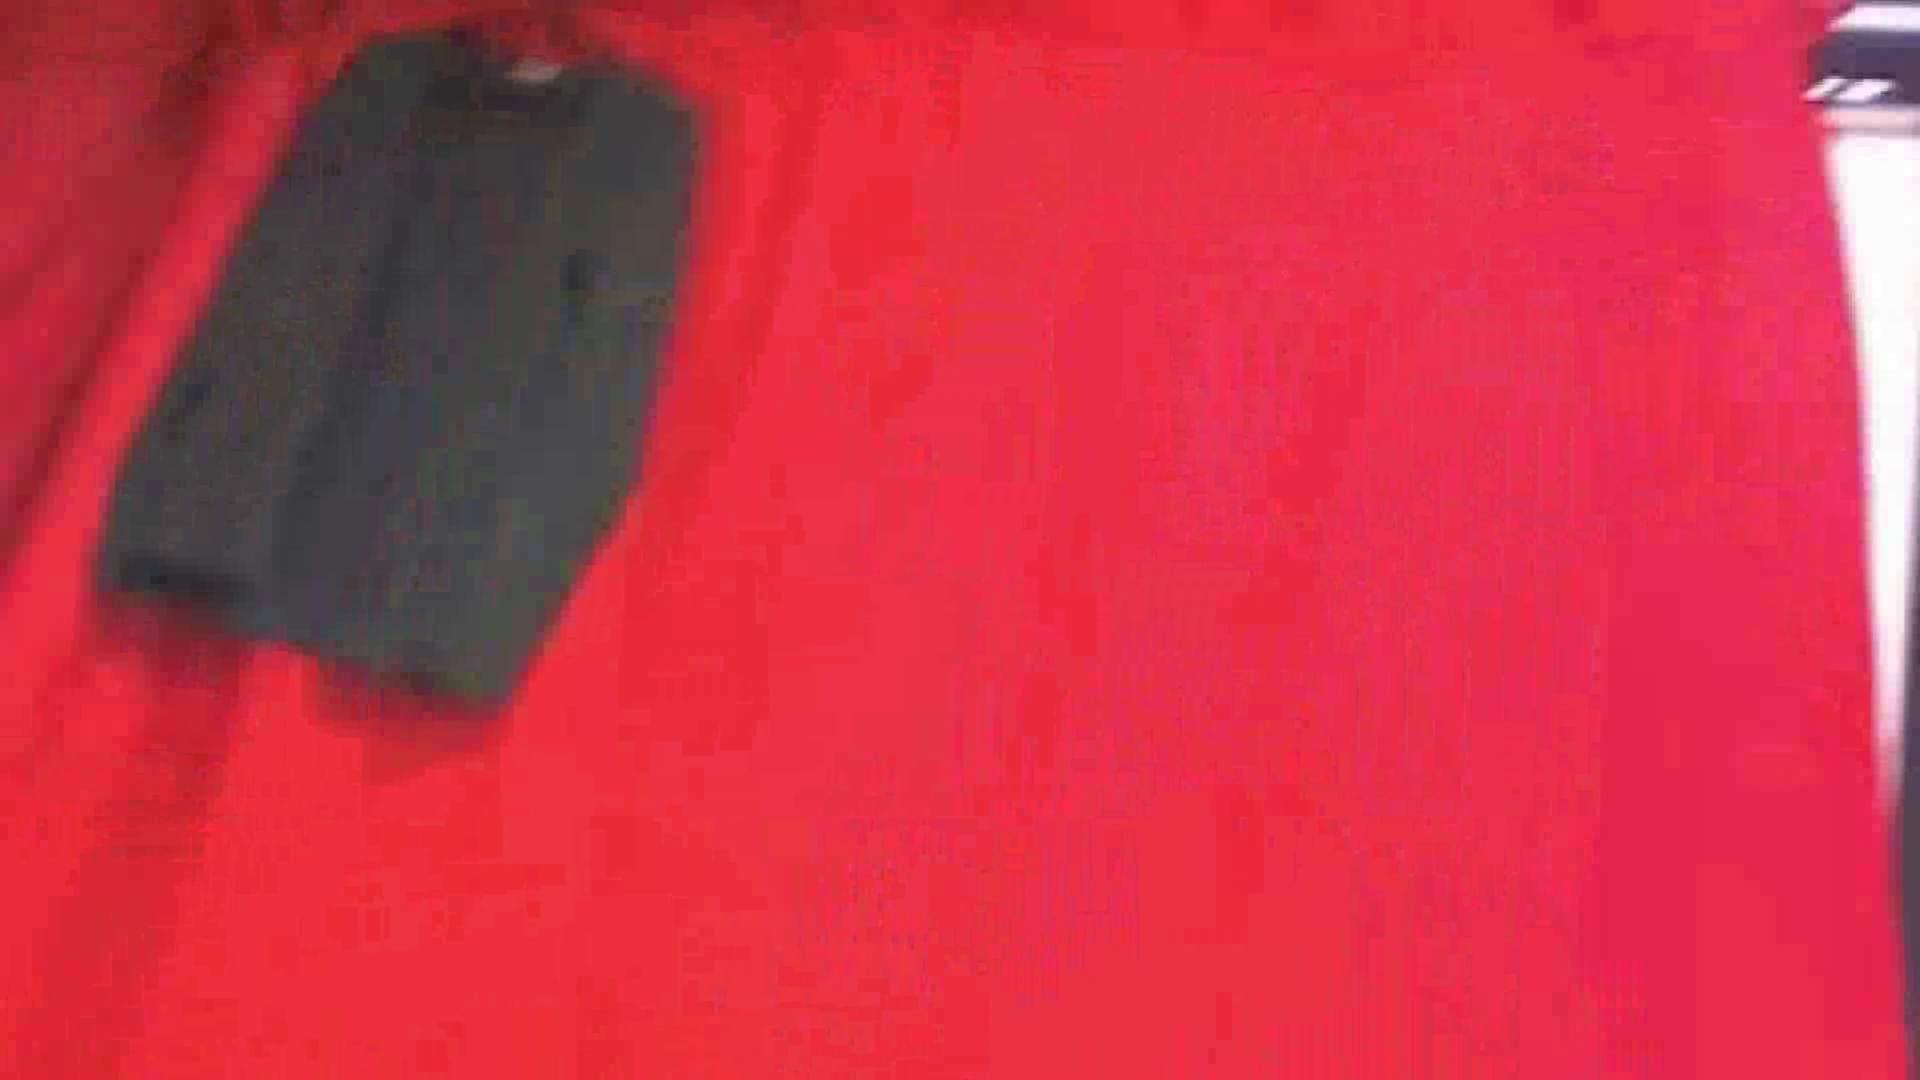 S級ギャルのハメ撮り!生チャット!Vol.08前編 ギャルのエロ動画 アダルト動画キャプチャ 93PIX 29